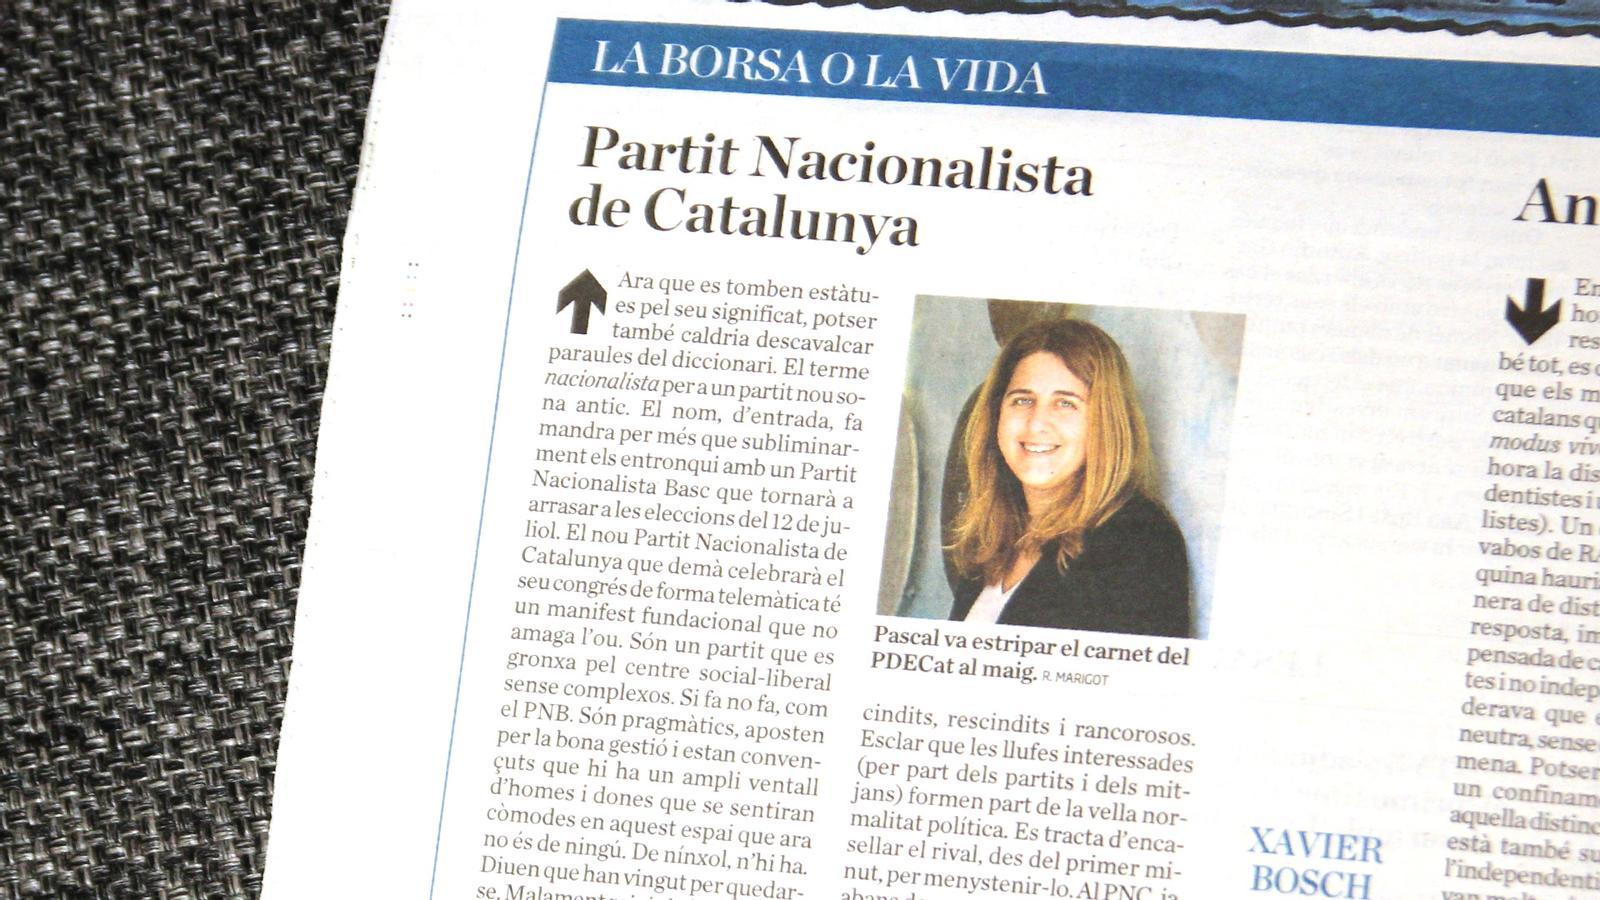 """L'anàlisi d'Antoni Bassas: 'Mira que dir-ne """"Partit Nacionalista""""'"""